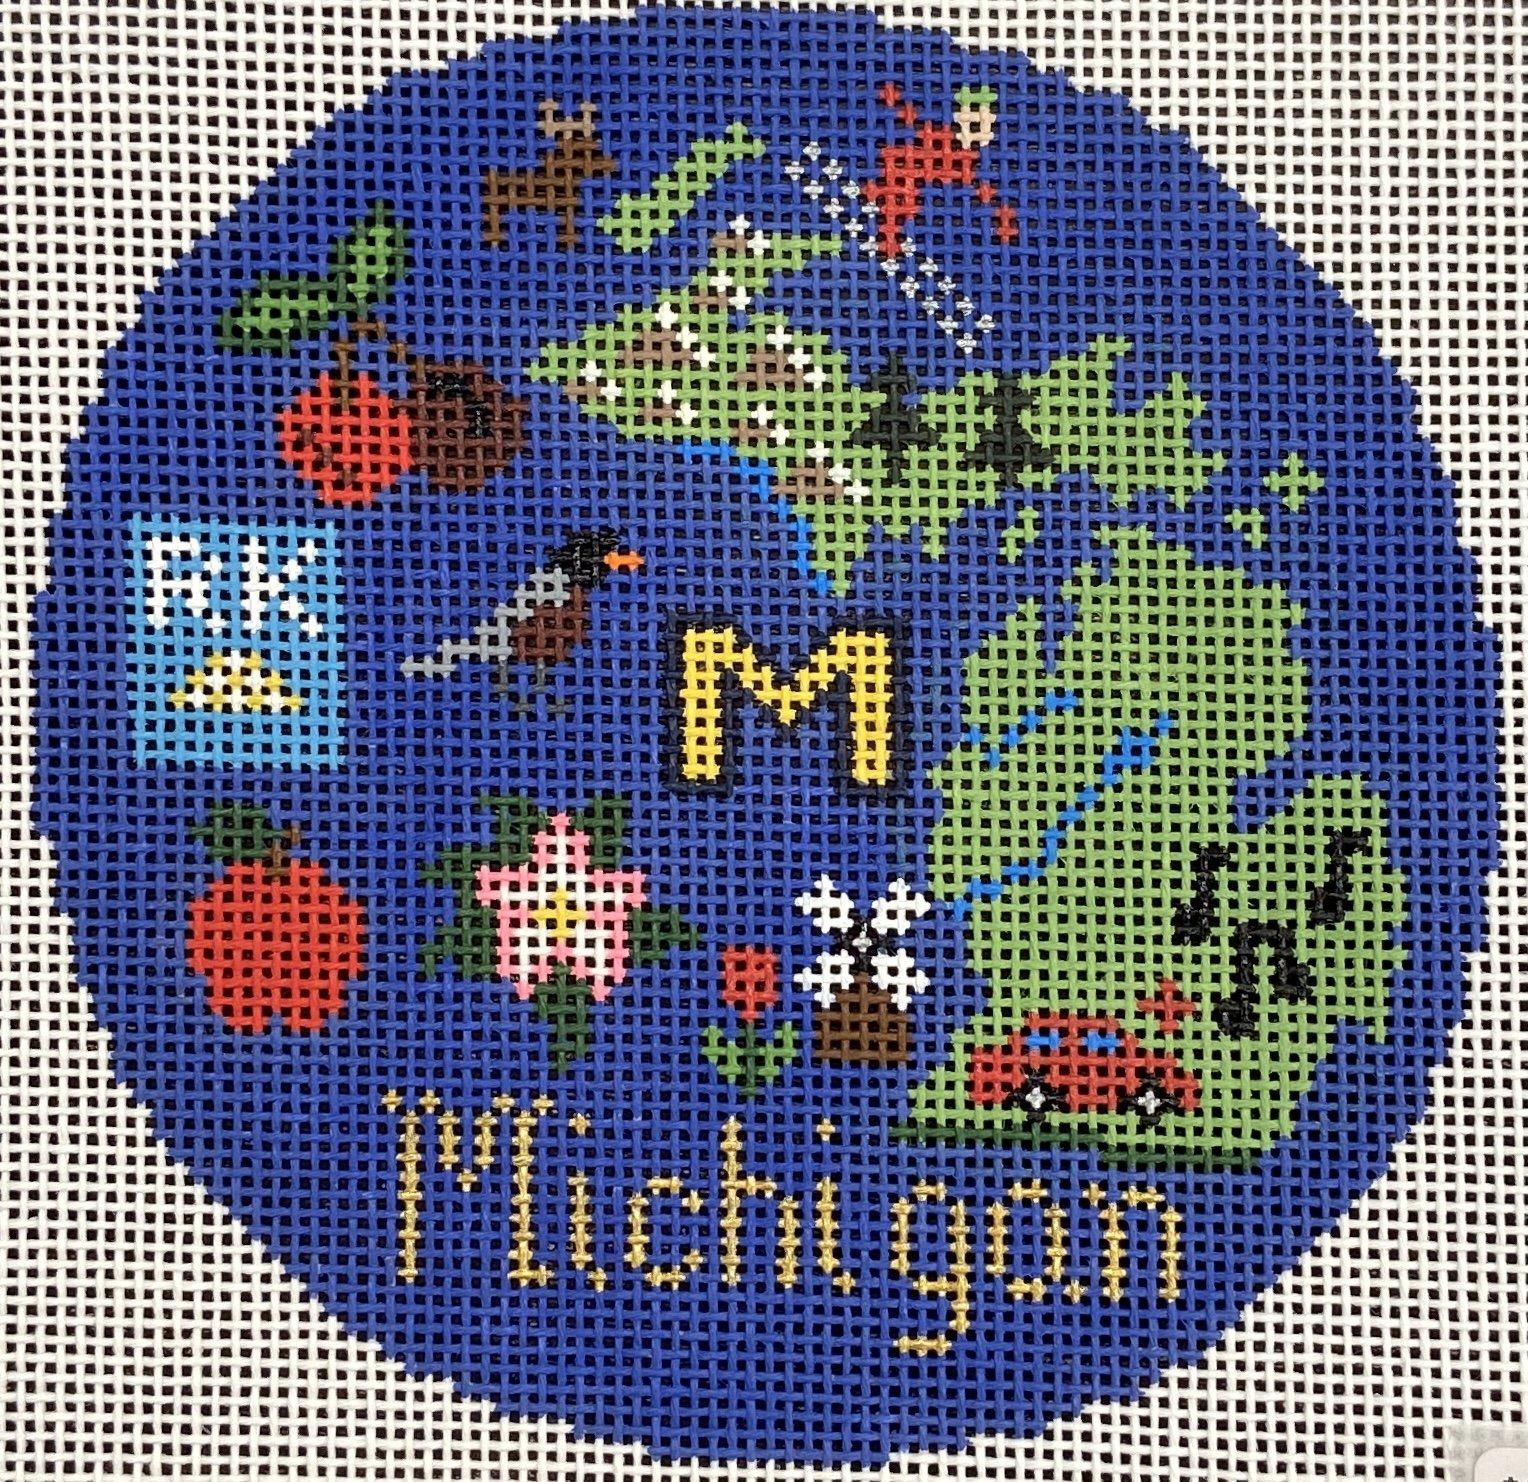 SN705 Michigan Ornament Round Silver Needle